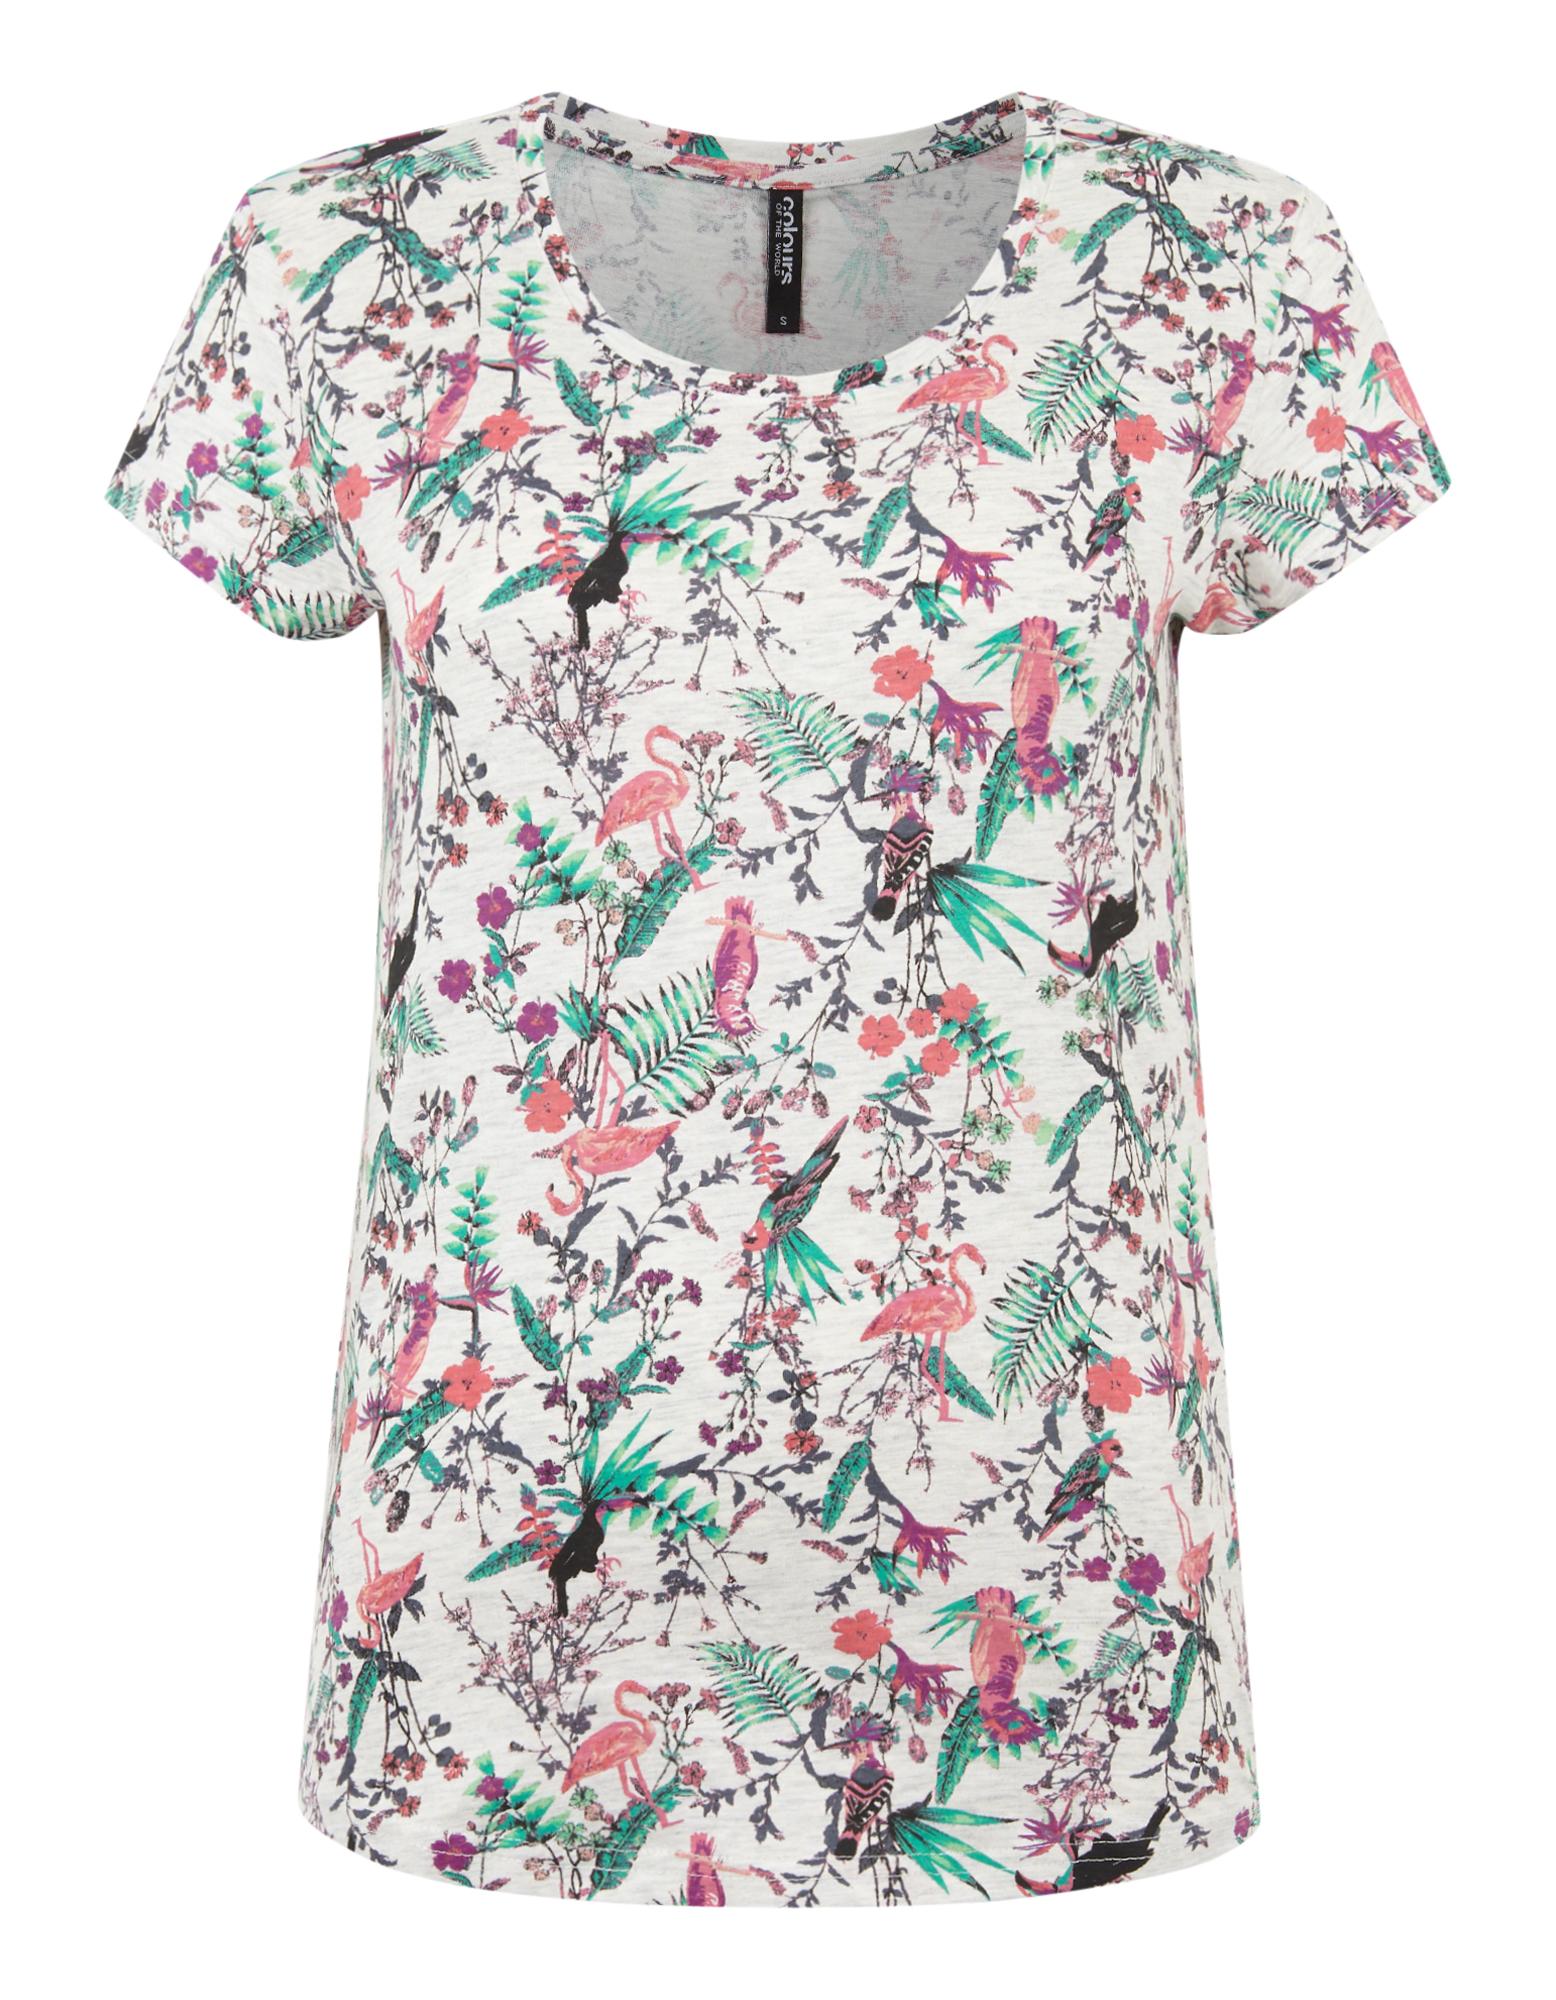 Damen Shirt mit Allover-Muster | Bekleidung > Shirts > Sonstige Shirts | Schneeweiß | Takko